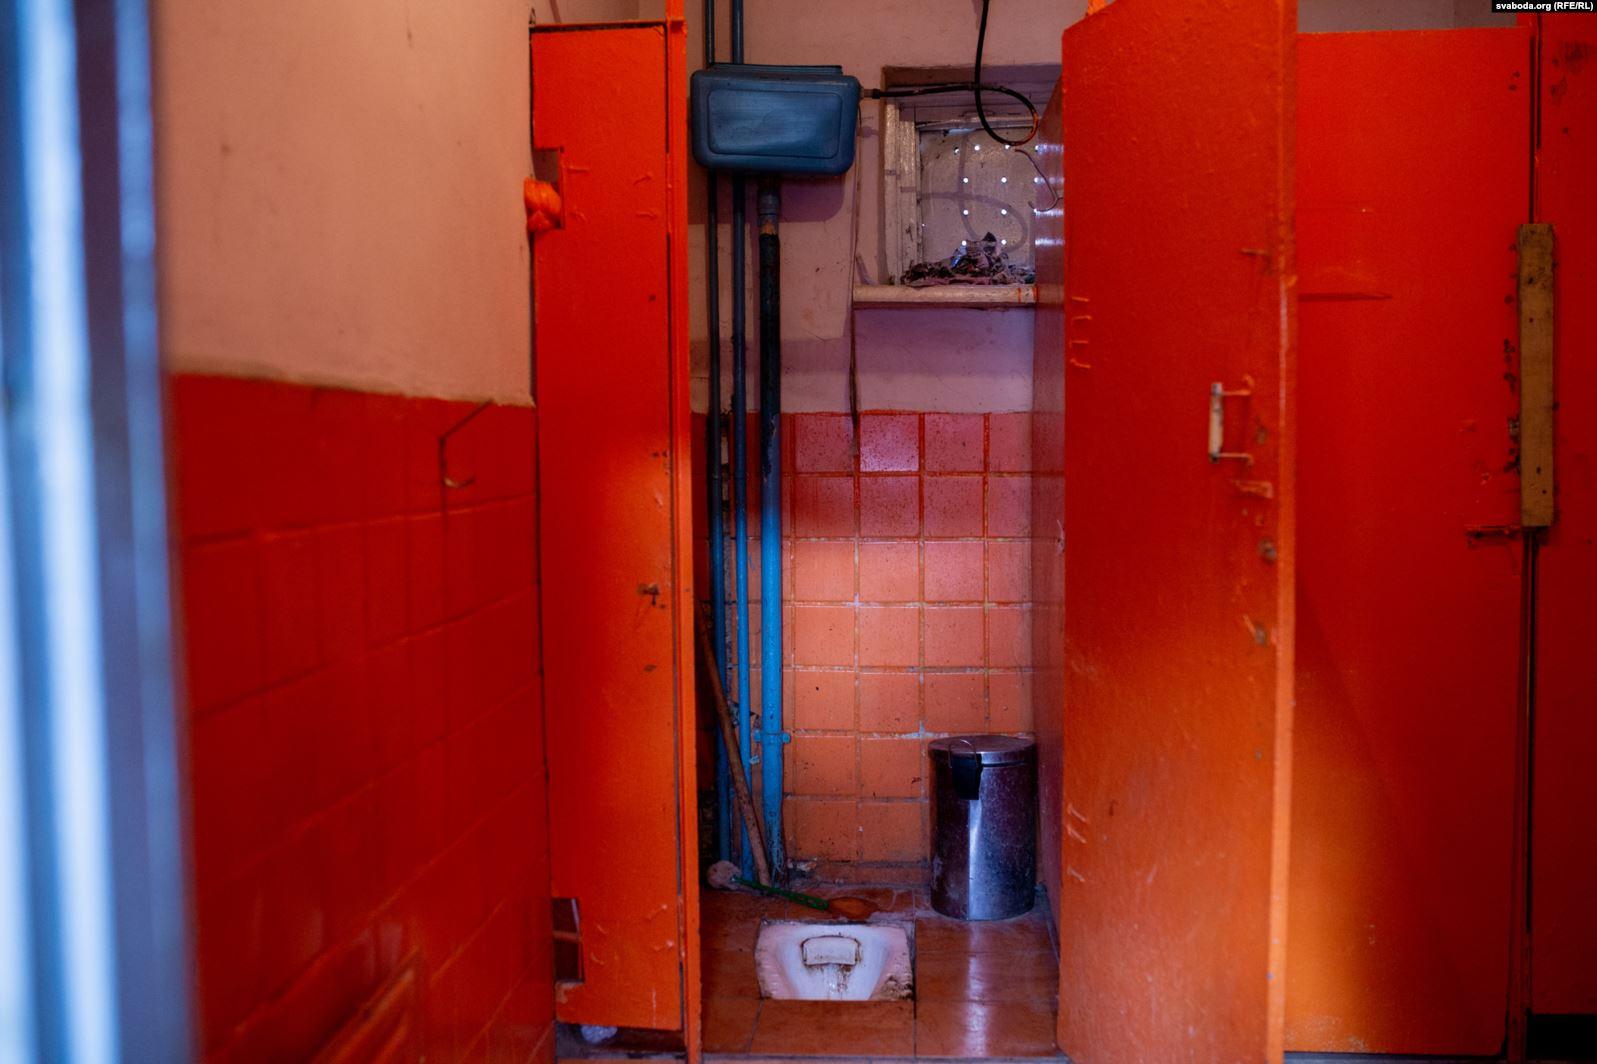 Кухня, вітальня і «ванна» ў адным пакоі. Як у цэнтры Гродна жывуць у кватэрах без прыбіральні